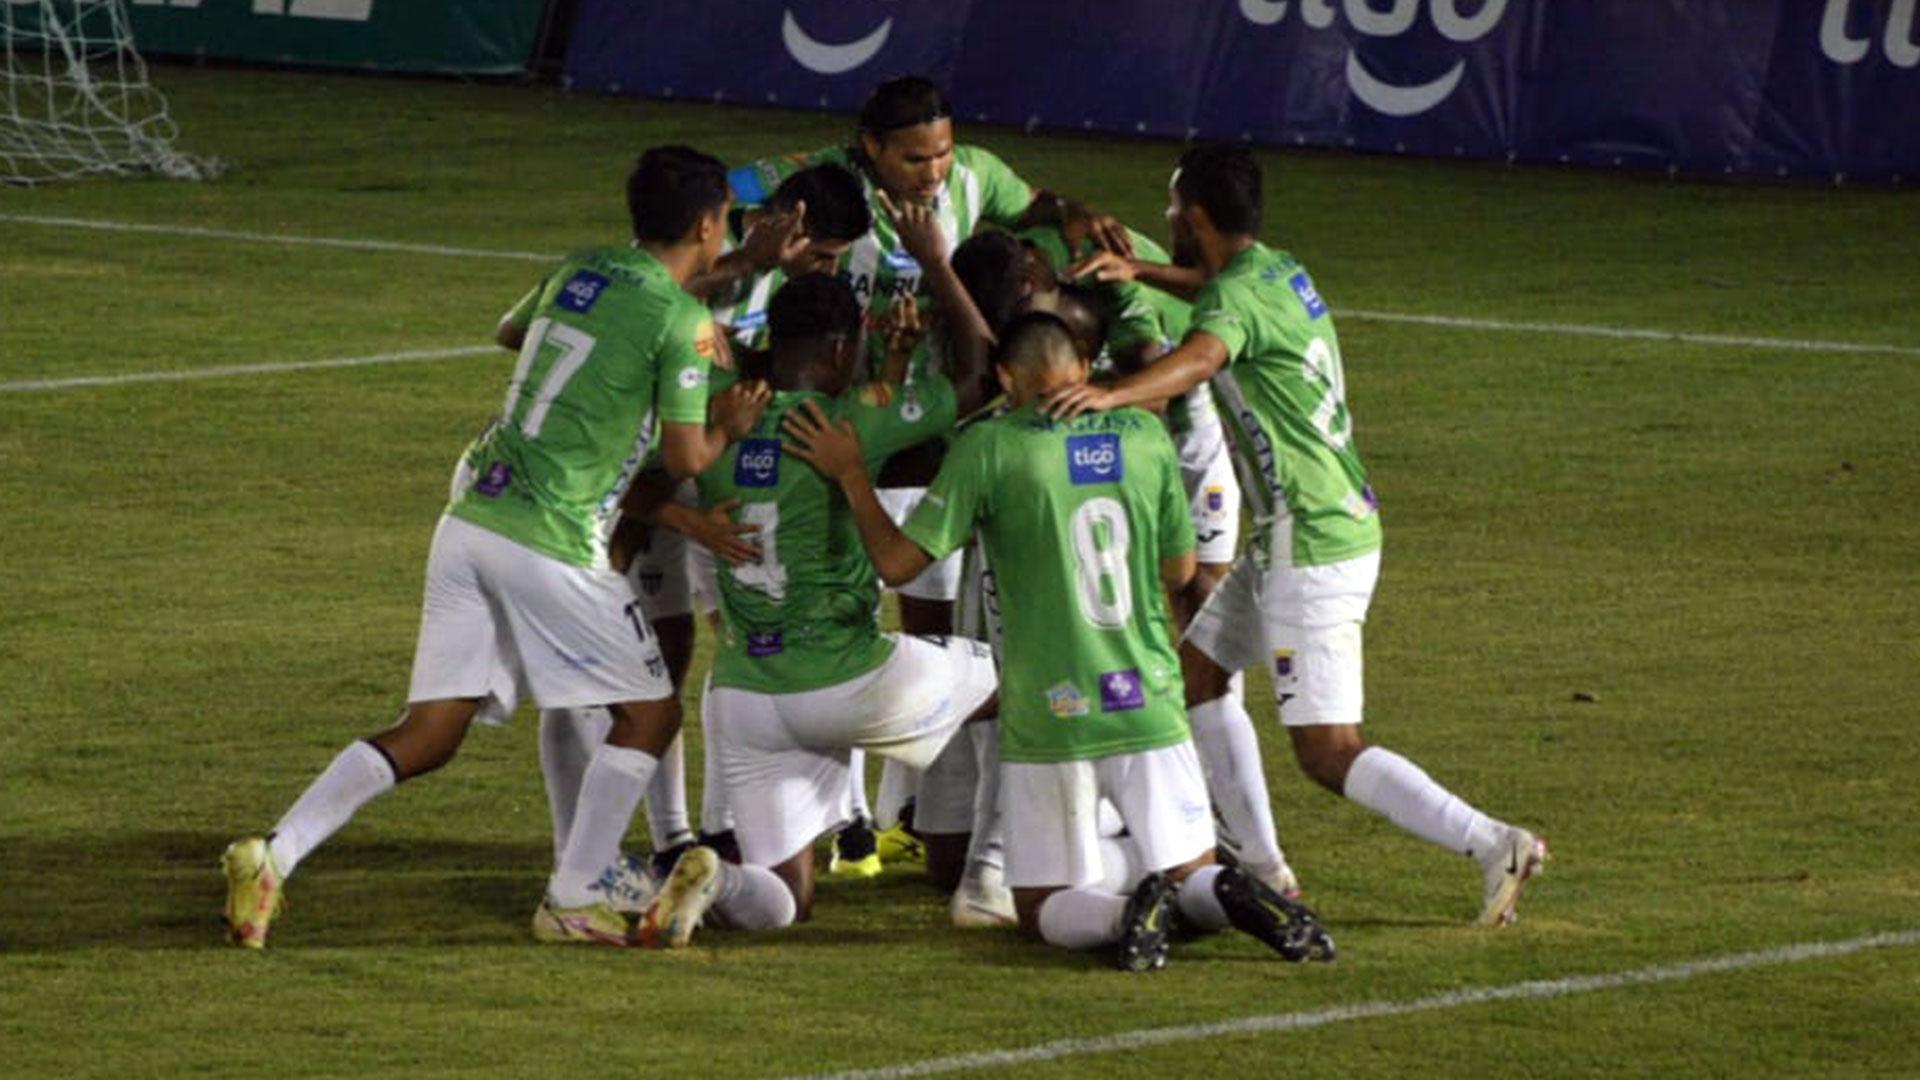 Antigua vuelve a ganar ante Iztapa y mantiene provisionalmente el punto de Apertura 2021 - Prensa Libre